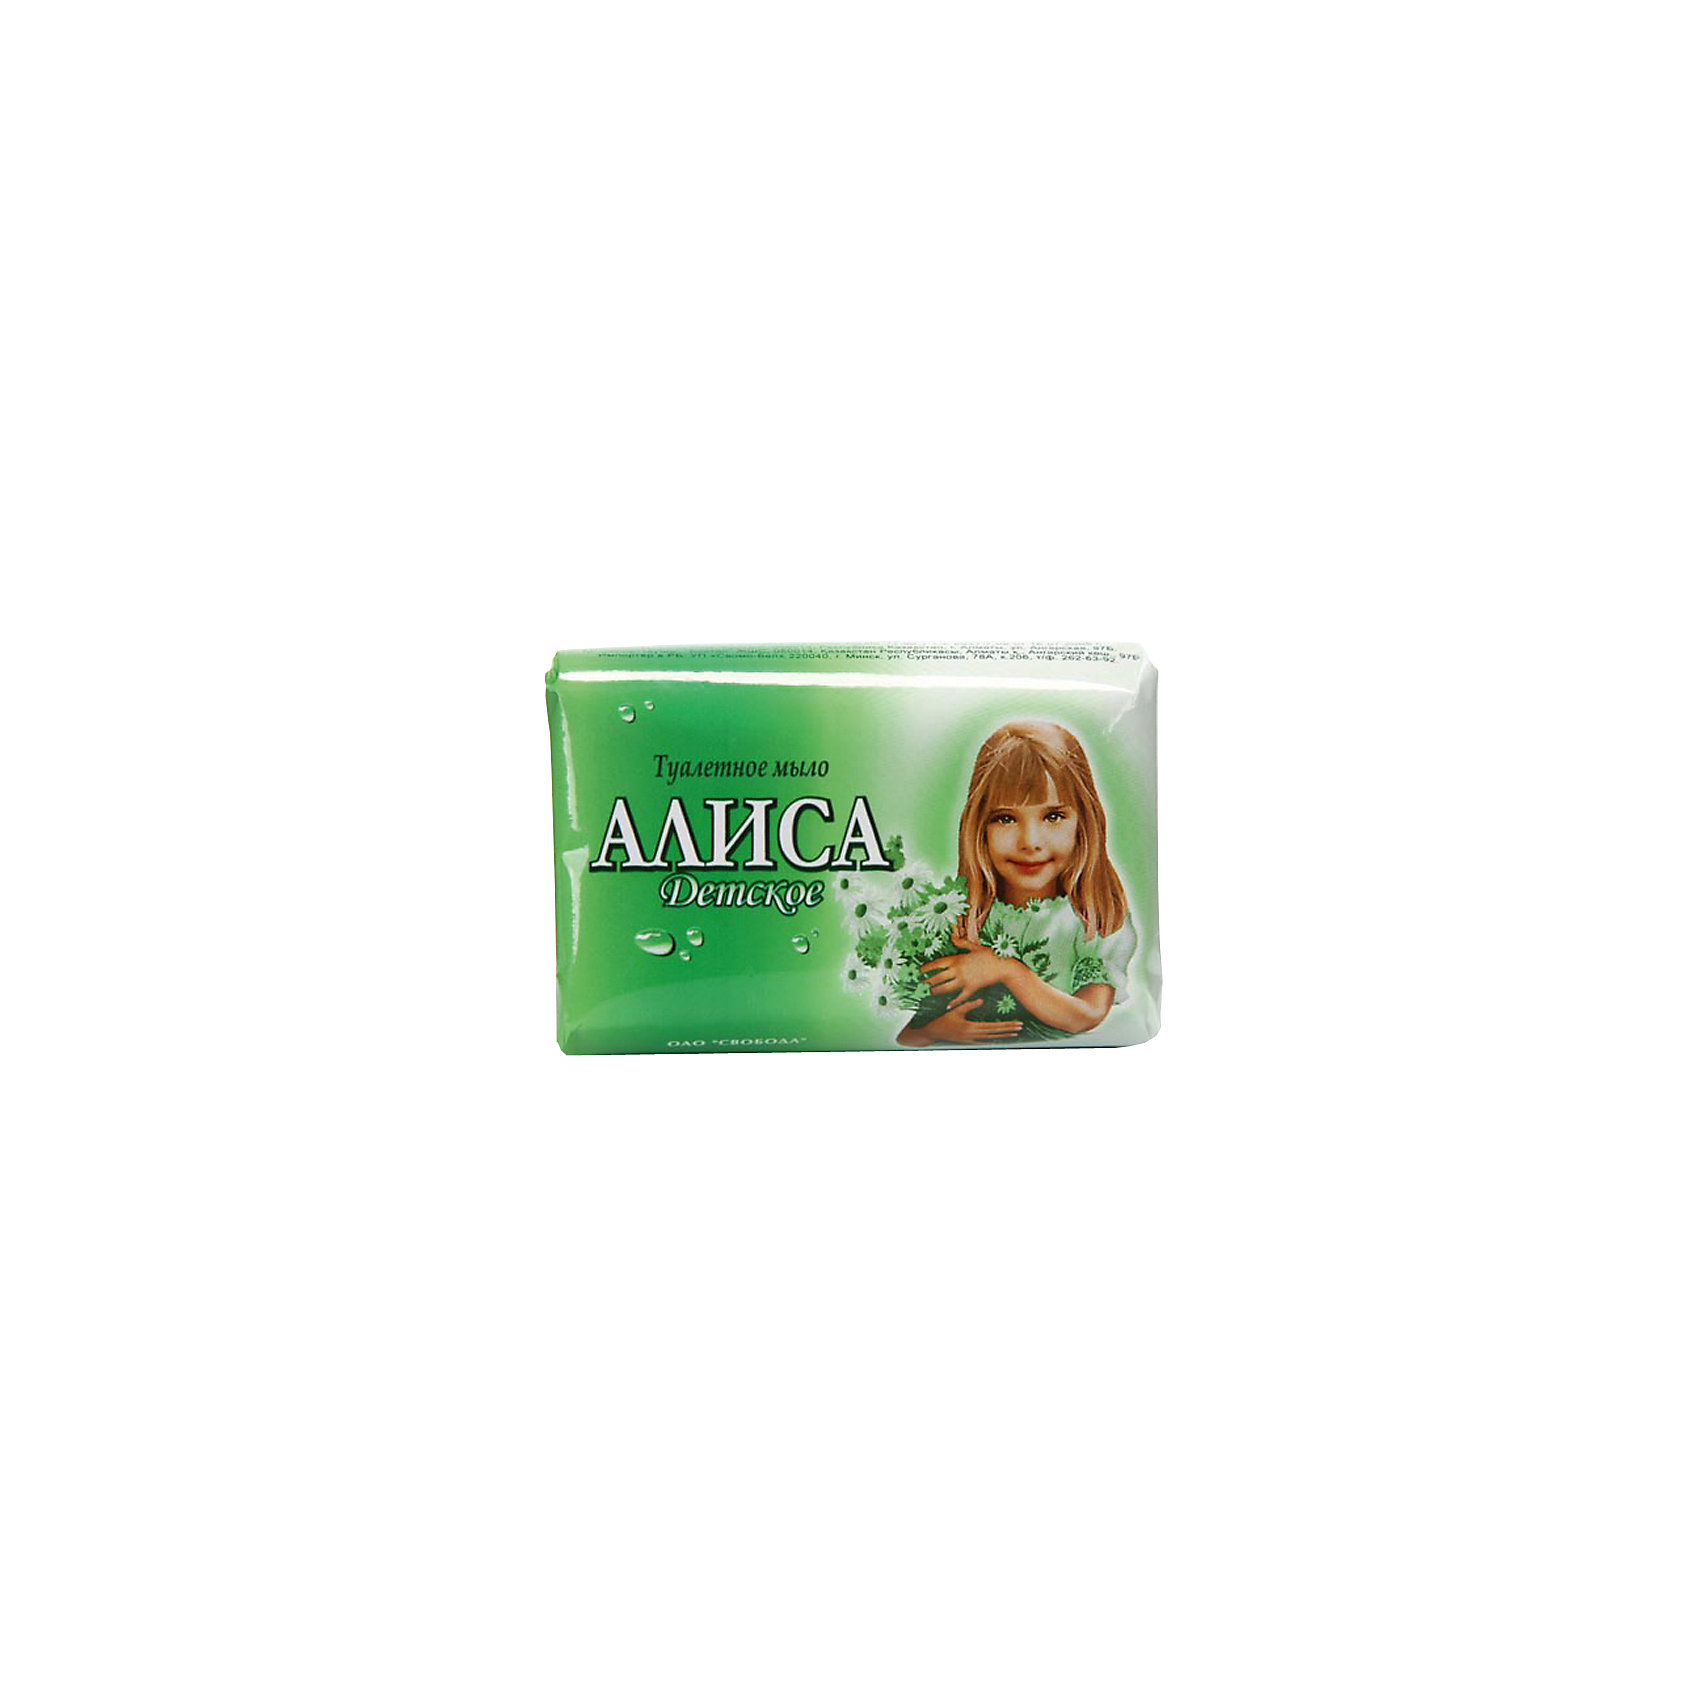 Мыло детское Алиса в обёртке, СвободаКупание малыша<br>Туалетное мыло «Алиса» предупреждает сухость кожи, оказывает противовоспалительное действие. Подходит для чувствительной кожи малыша. <br><br>Дополнительная информация:<br><br>Содержит натуральный глицерин и масляный экстракт тысячелистника.<br><br>Масса: 150 грамм<br><br>Мыло детское Алиса в обёртке, Свобода можно купить в нашем интернет-магазине.<br><br>Ширина мм: 300<br>Глубина мм: 100<br>Высота мм: 50<br>Вес г: 200<br>Возраст от месяцев: 0<br>Возраст до месяцев: 36<br>Пол: Унисекс<br>Возраст: Детский<br>SKU: 5008412